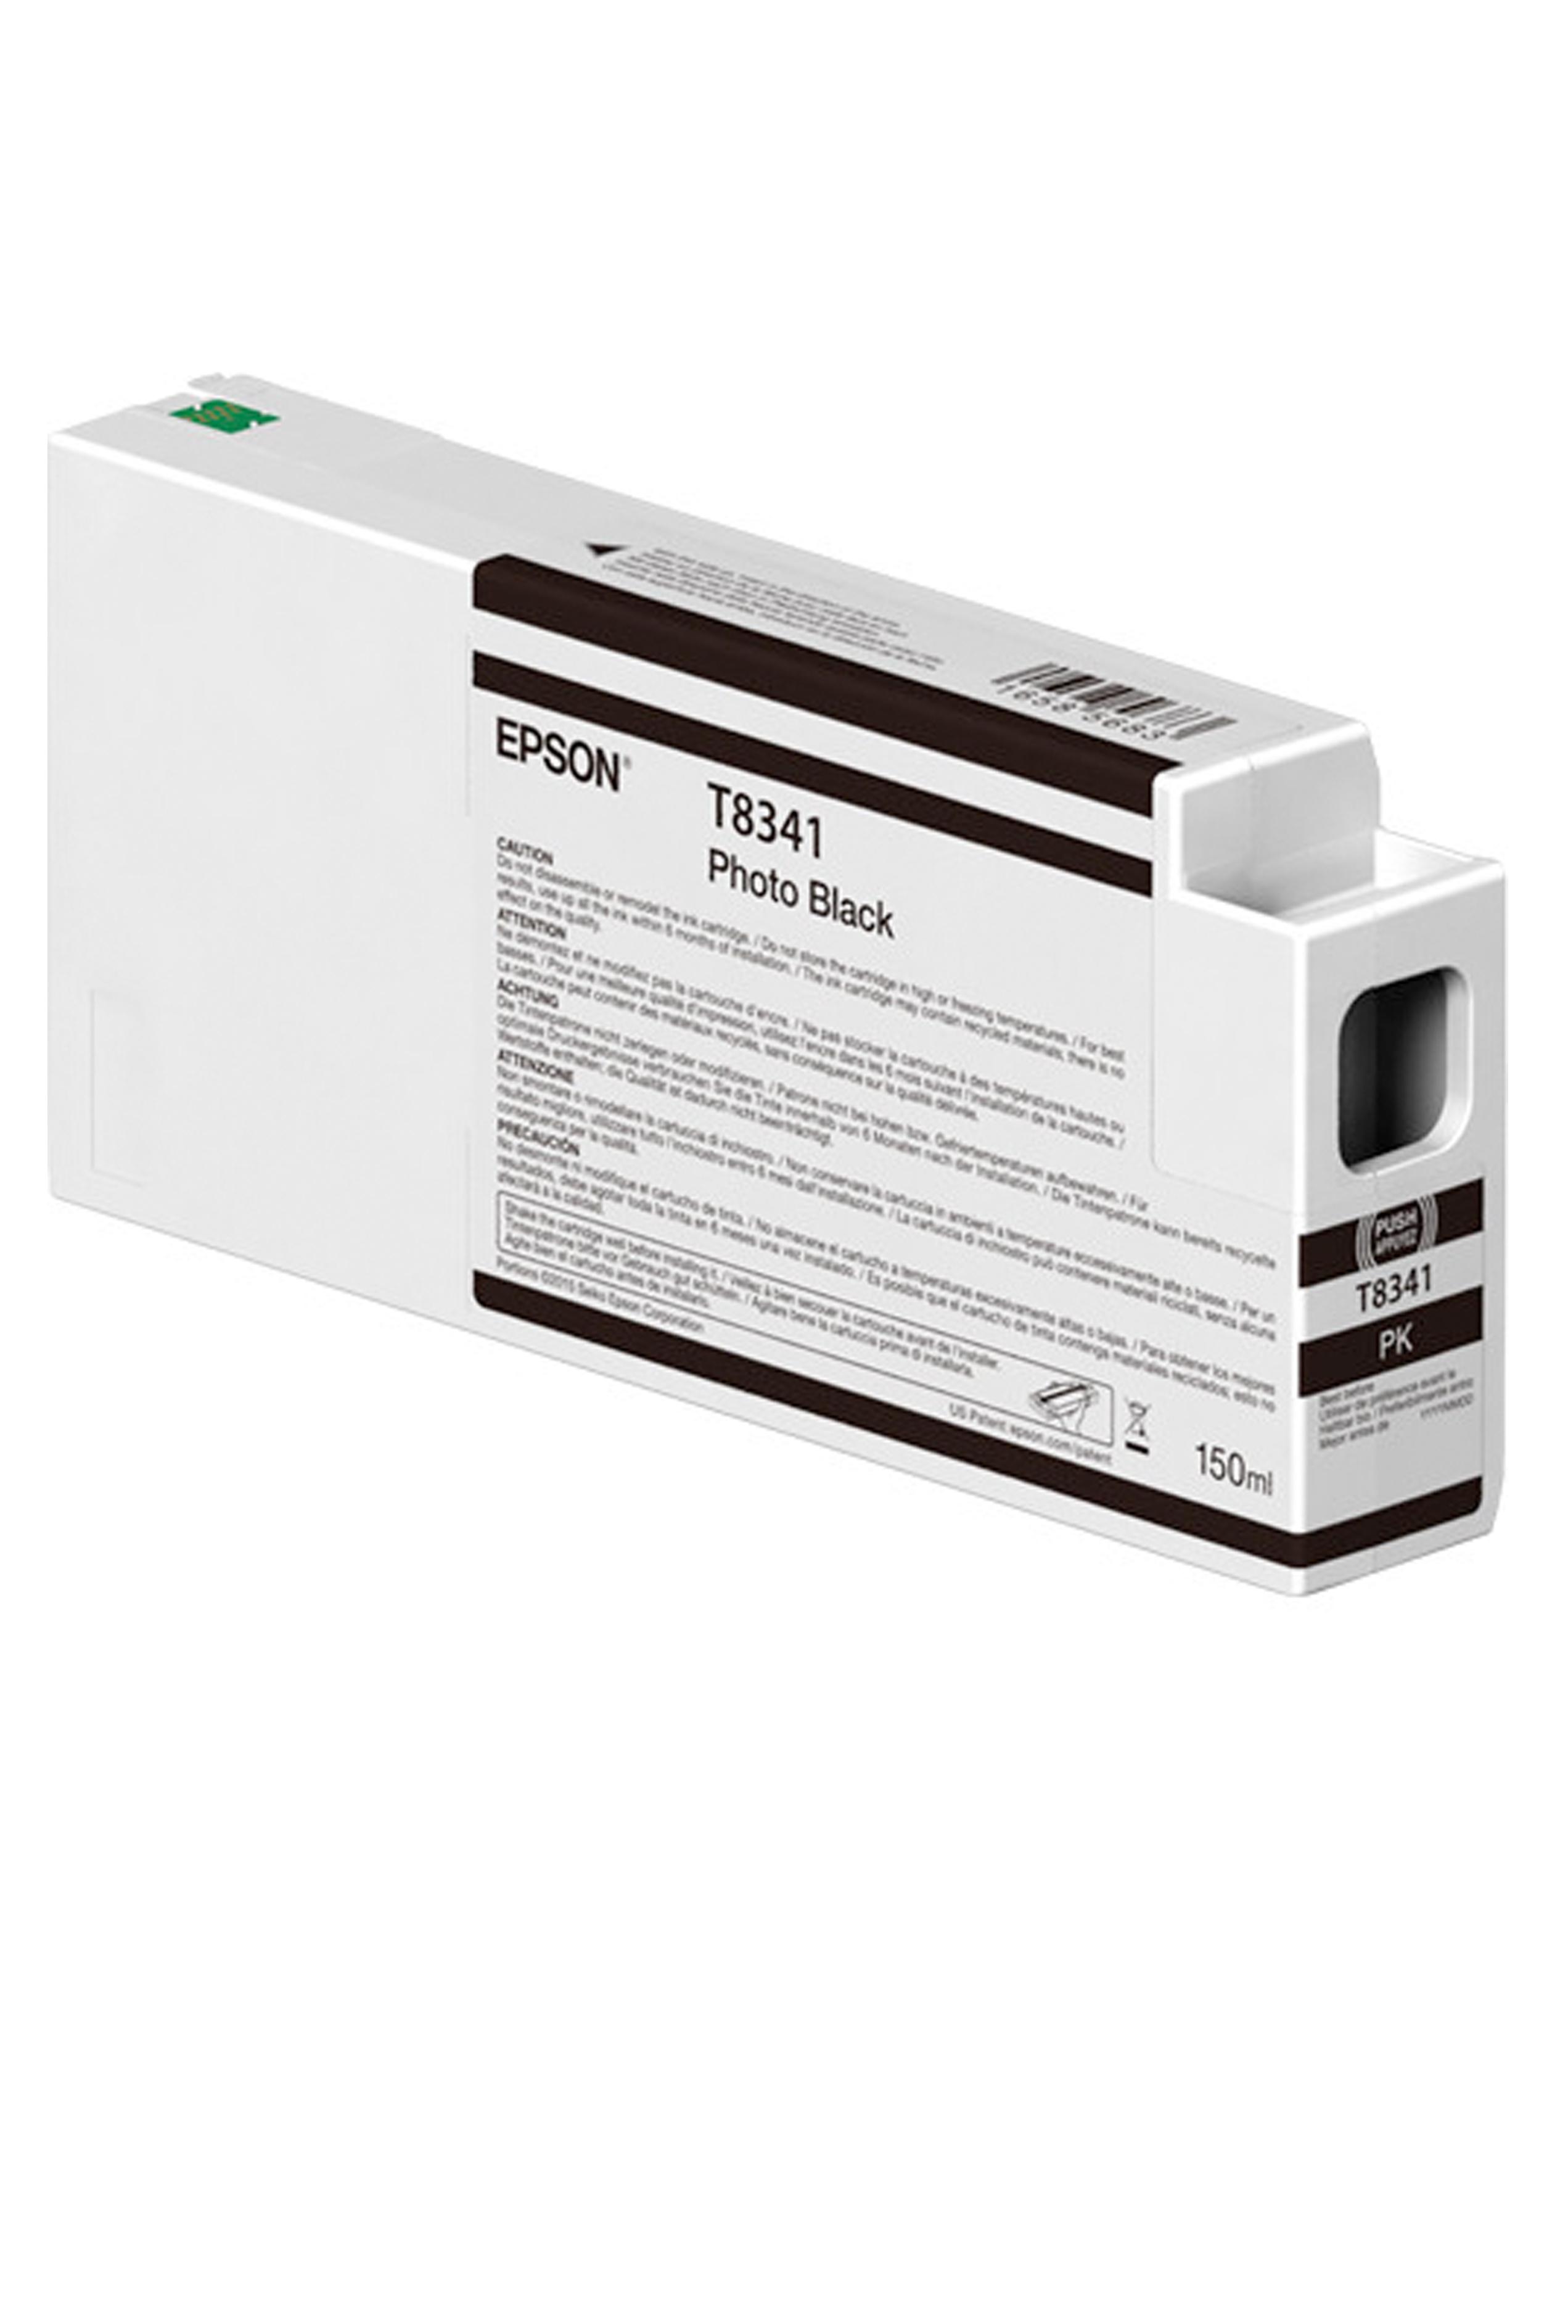 Epson EPSON SD PHOTO BLACK INK (150 ML) (T834100)